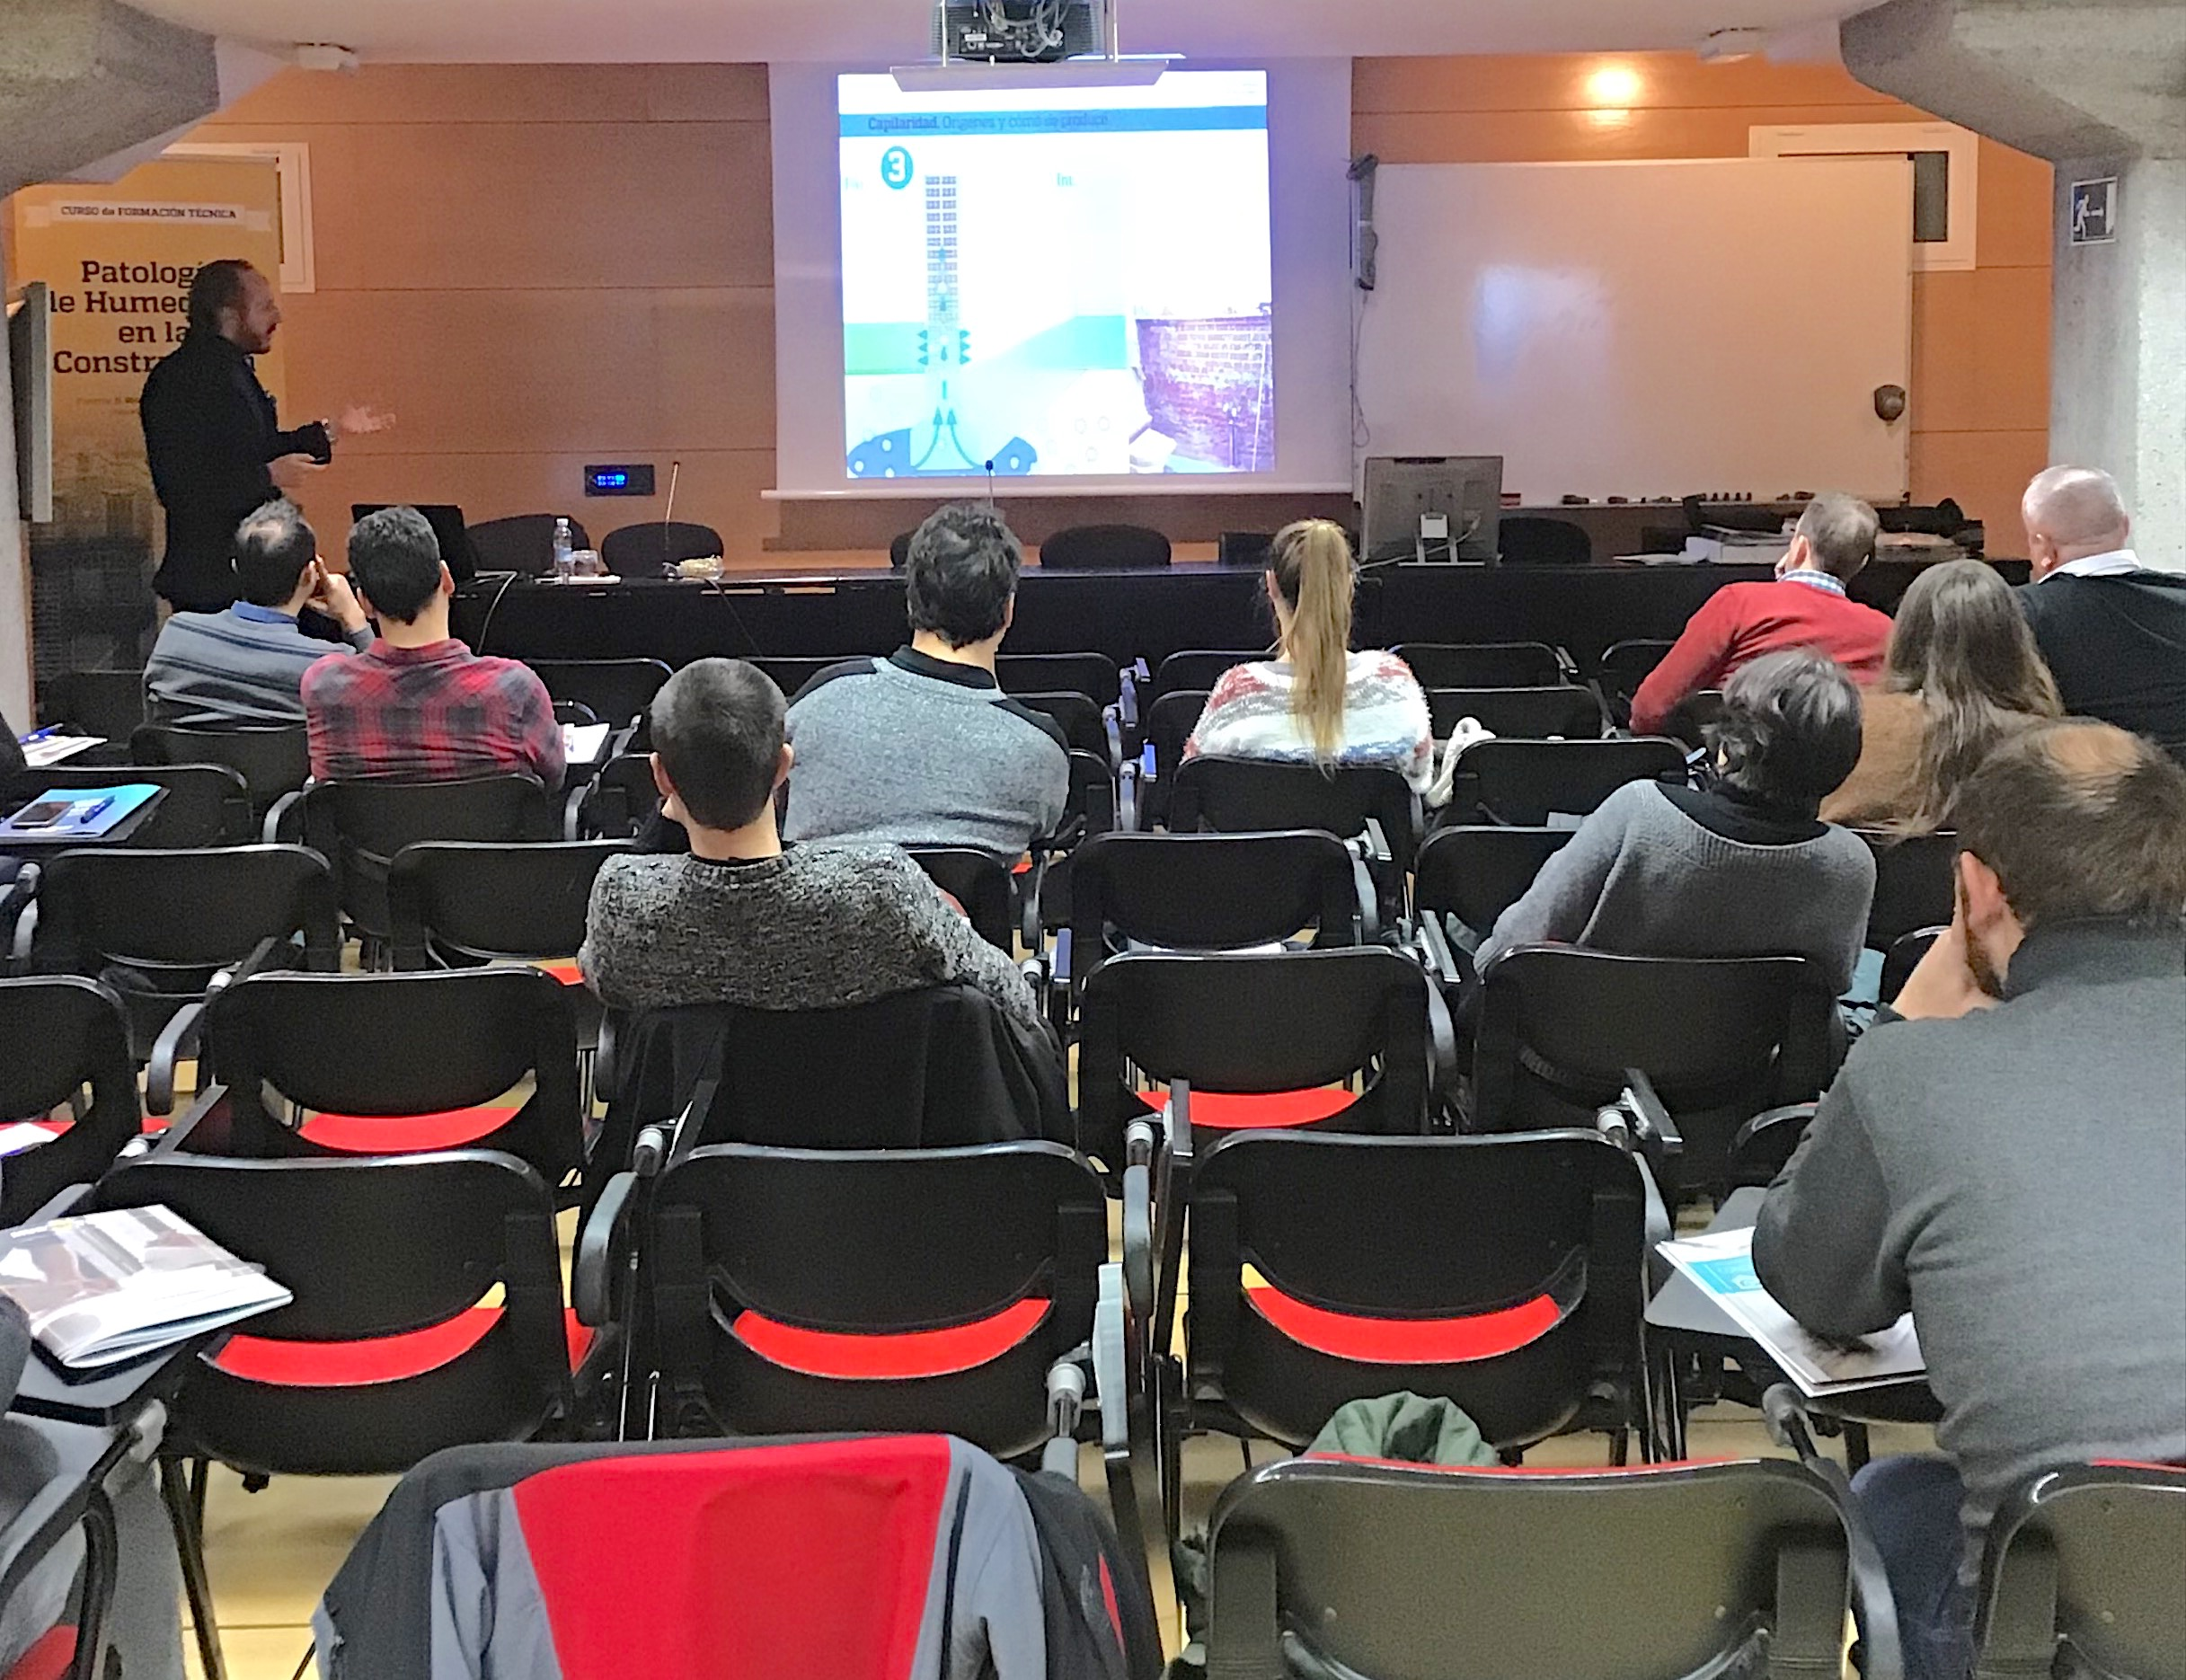 Ricardo Cañada durante la jornada de Patologías de las humedades estructurales